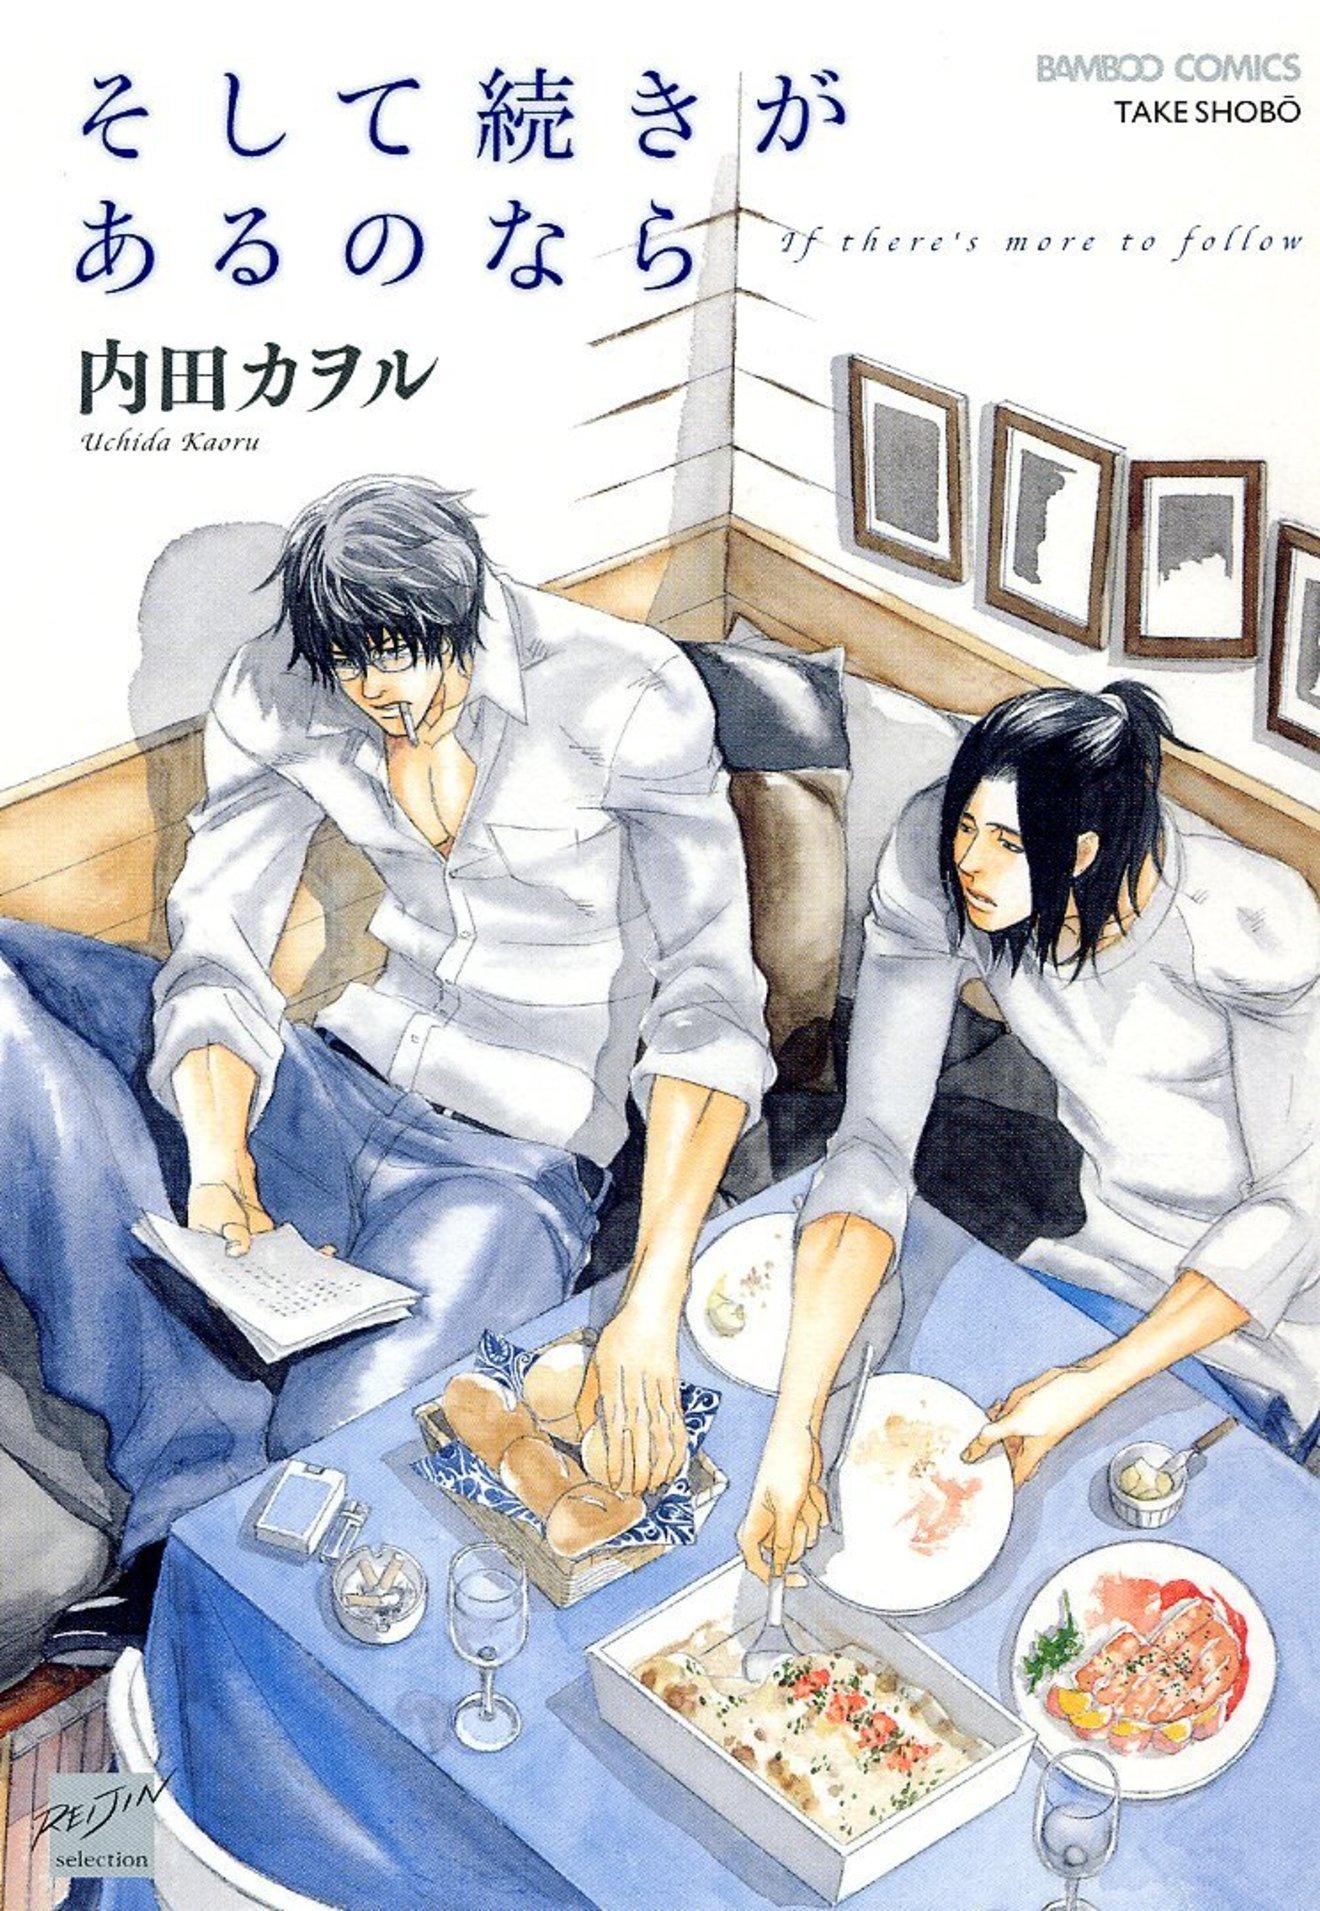 内田カヲルのおすすめBL漫画ランキングベスト5!